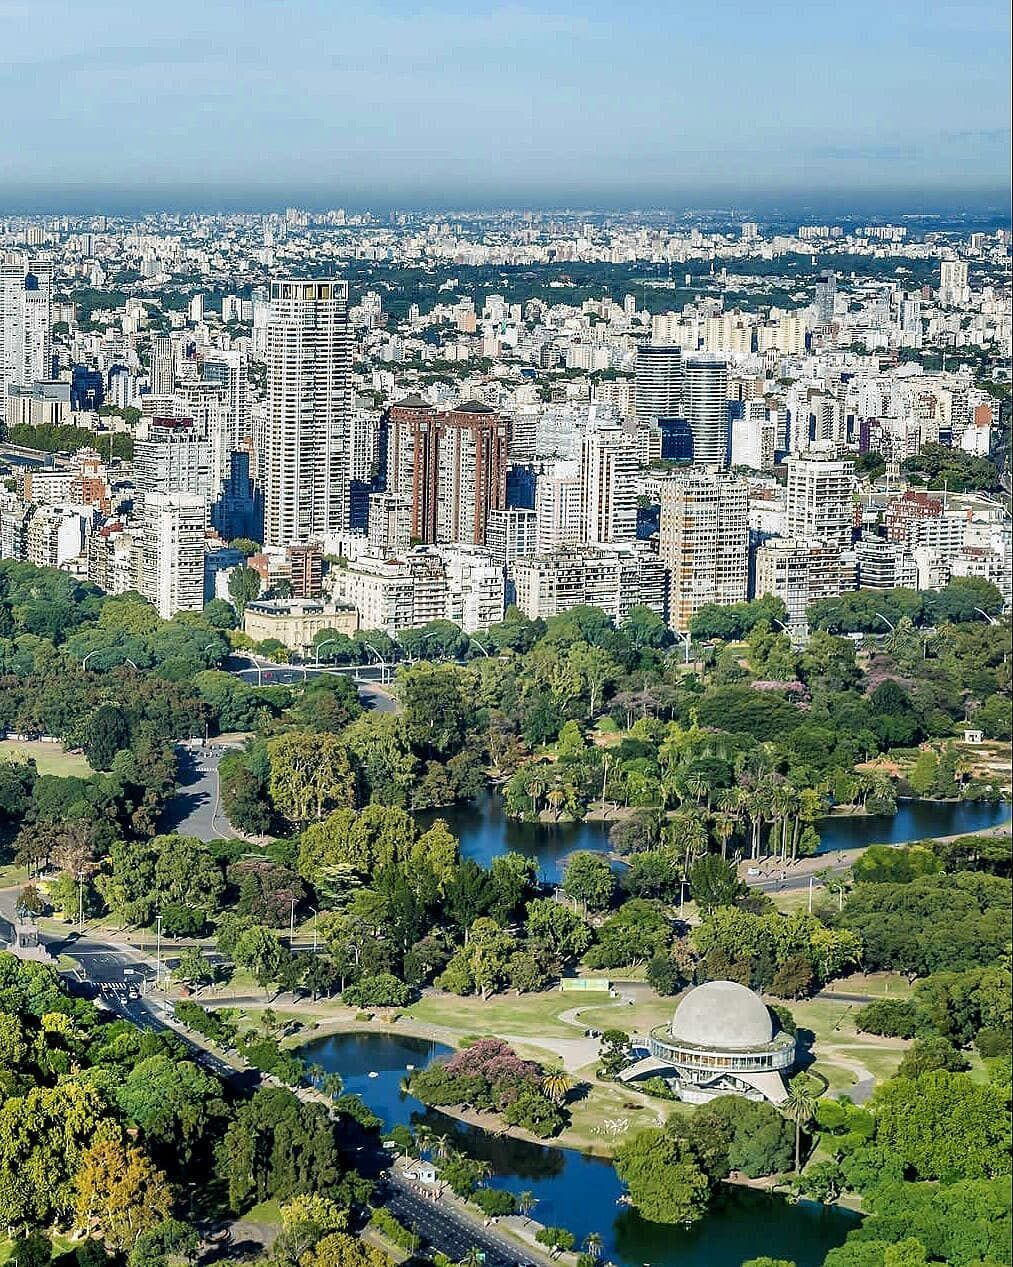 Buenos Aires Panorámica στο Instagram Sector Denominado Los Bosques De Palermo Vista Aérea Argentina Argentine Bea Paris Skyline Skyline Photo